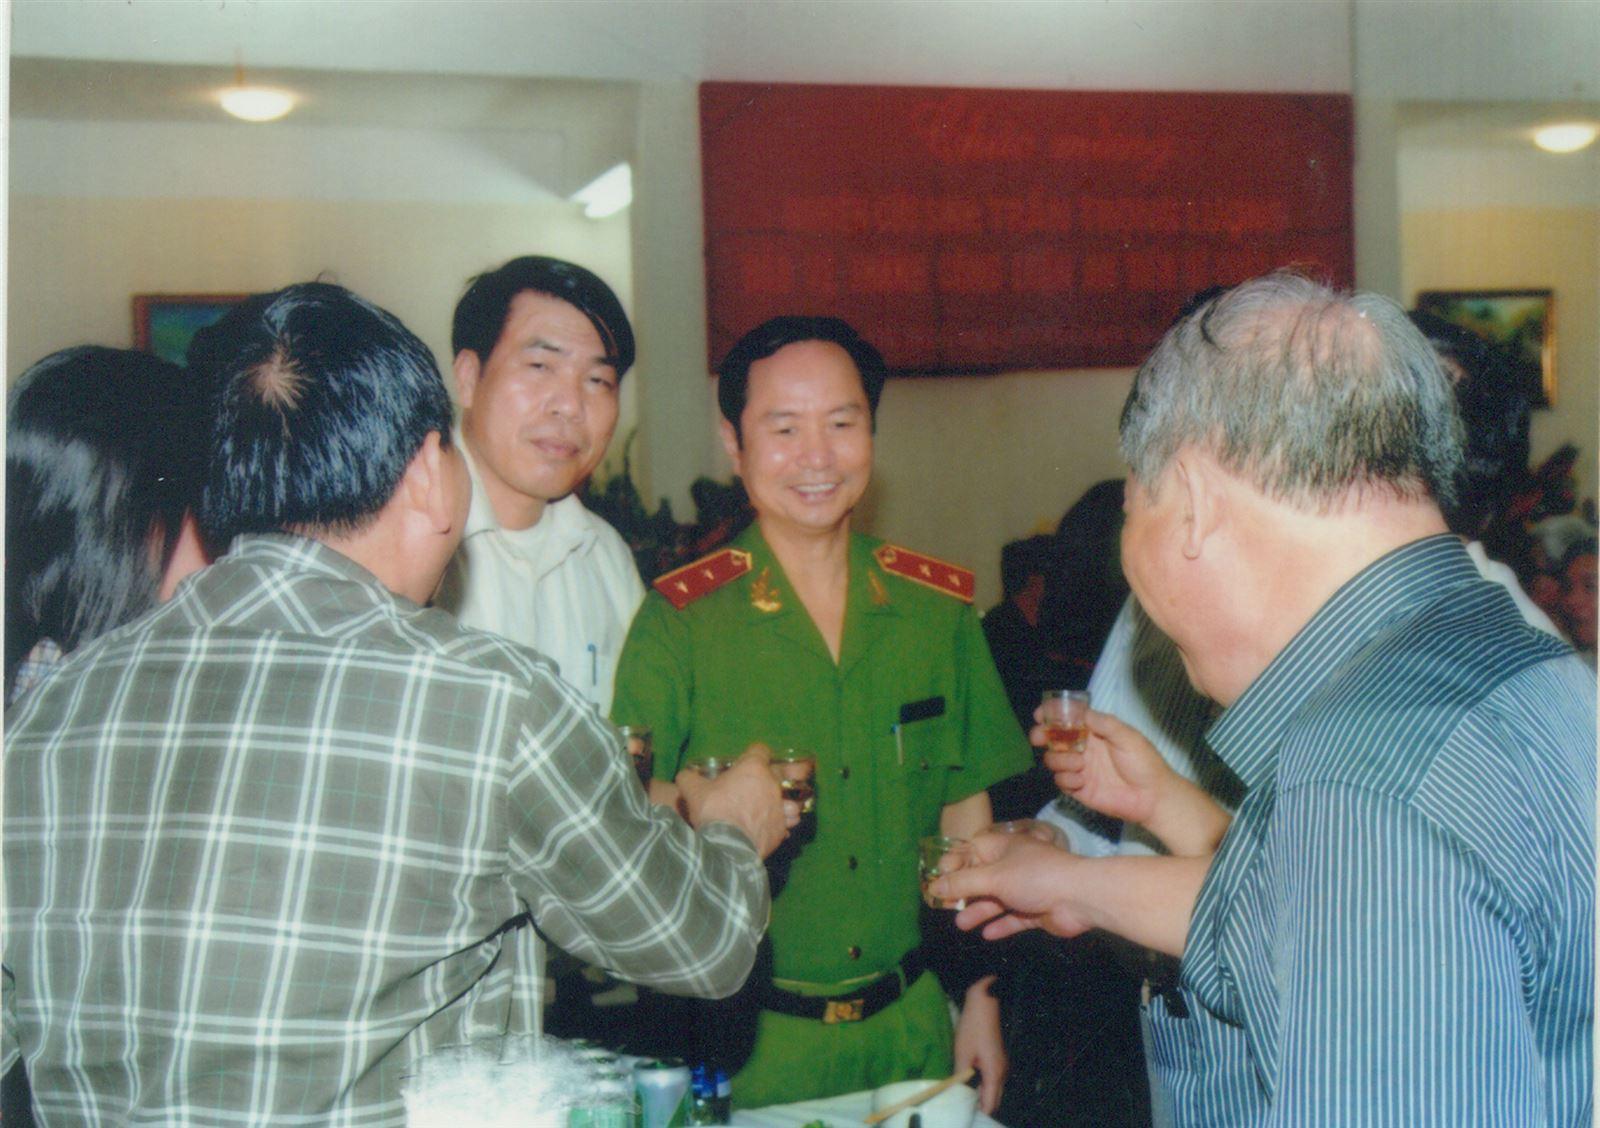 Chủ tịch Hội đồng quản trị kiêm Tổng Giám đốc Vũ Văn Trường cùng Trung tướng Phạm Quý Ngọ chúc mừng khóa đào tạo tiến sỹ tại Học viện Cảnh sát nhân dân.